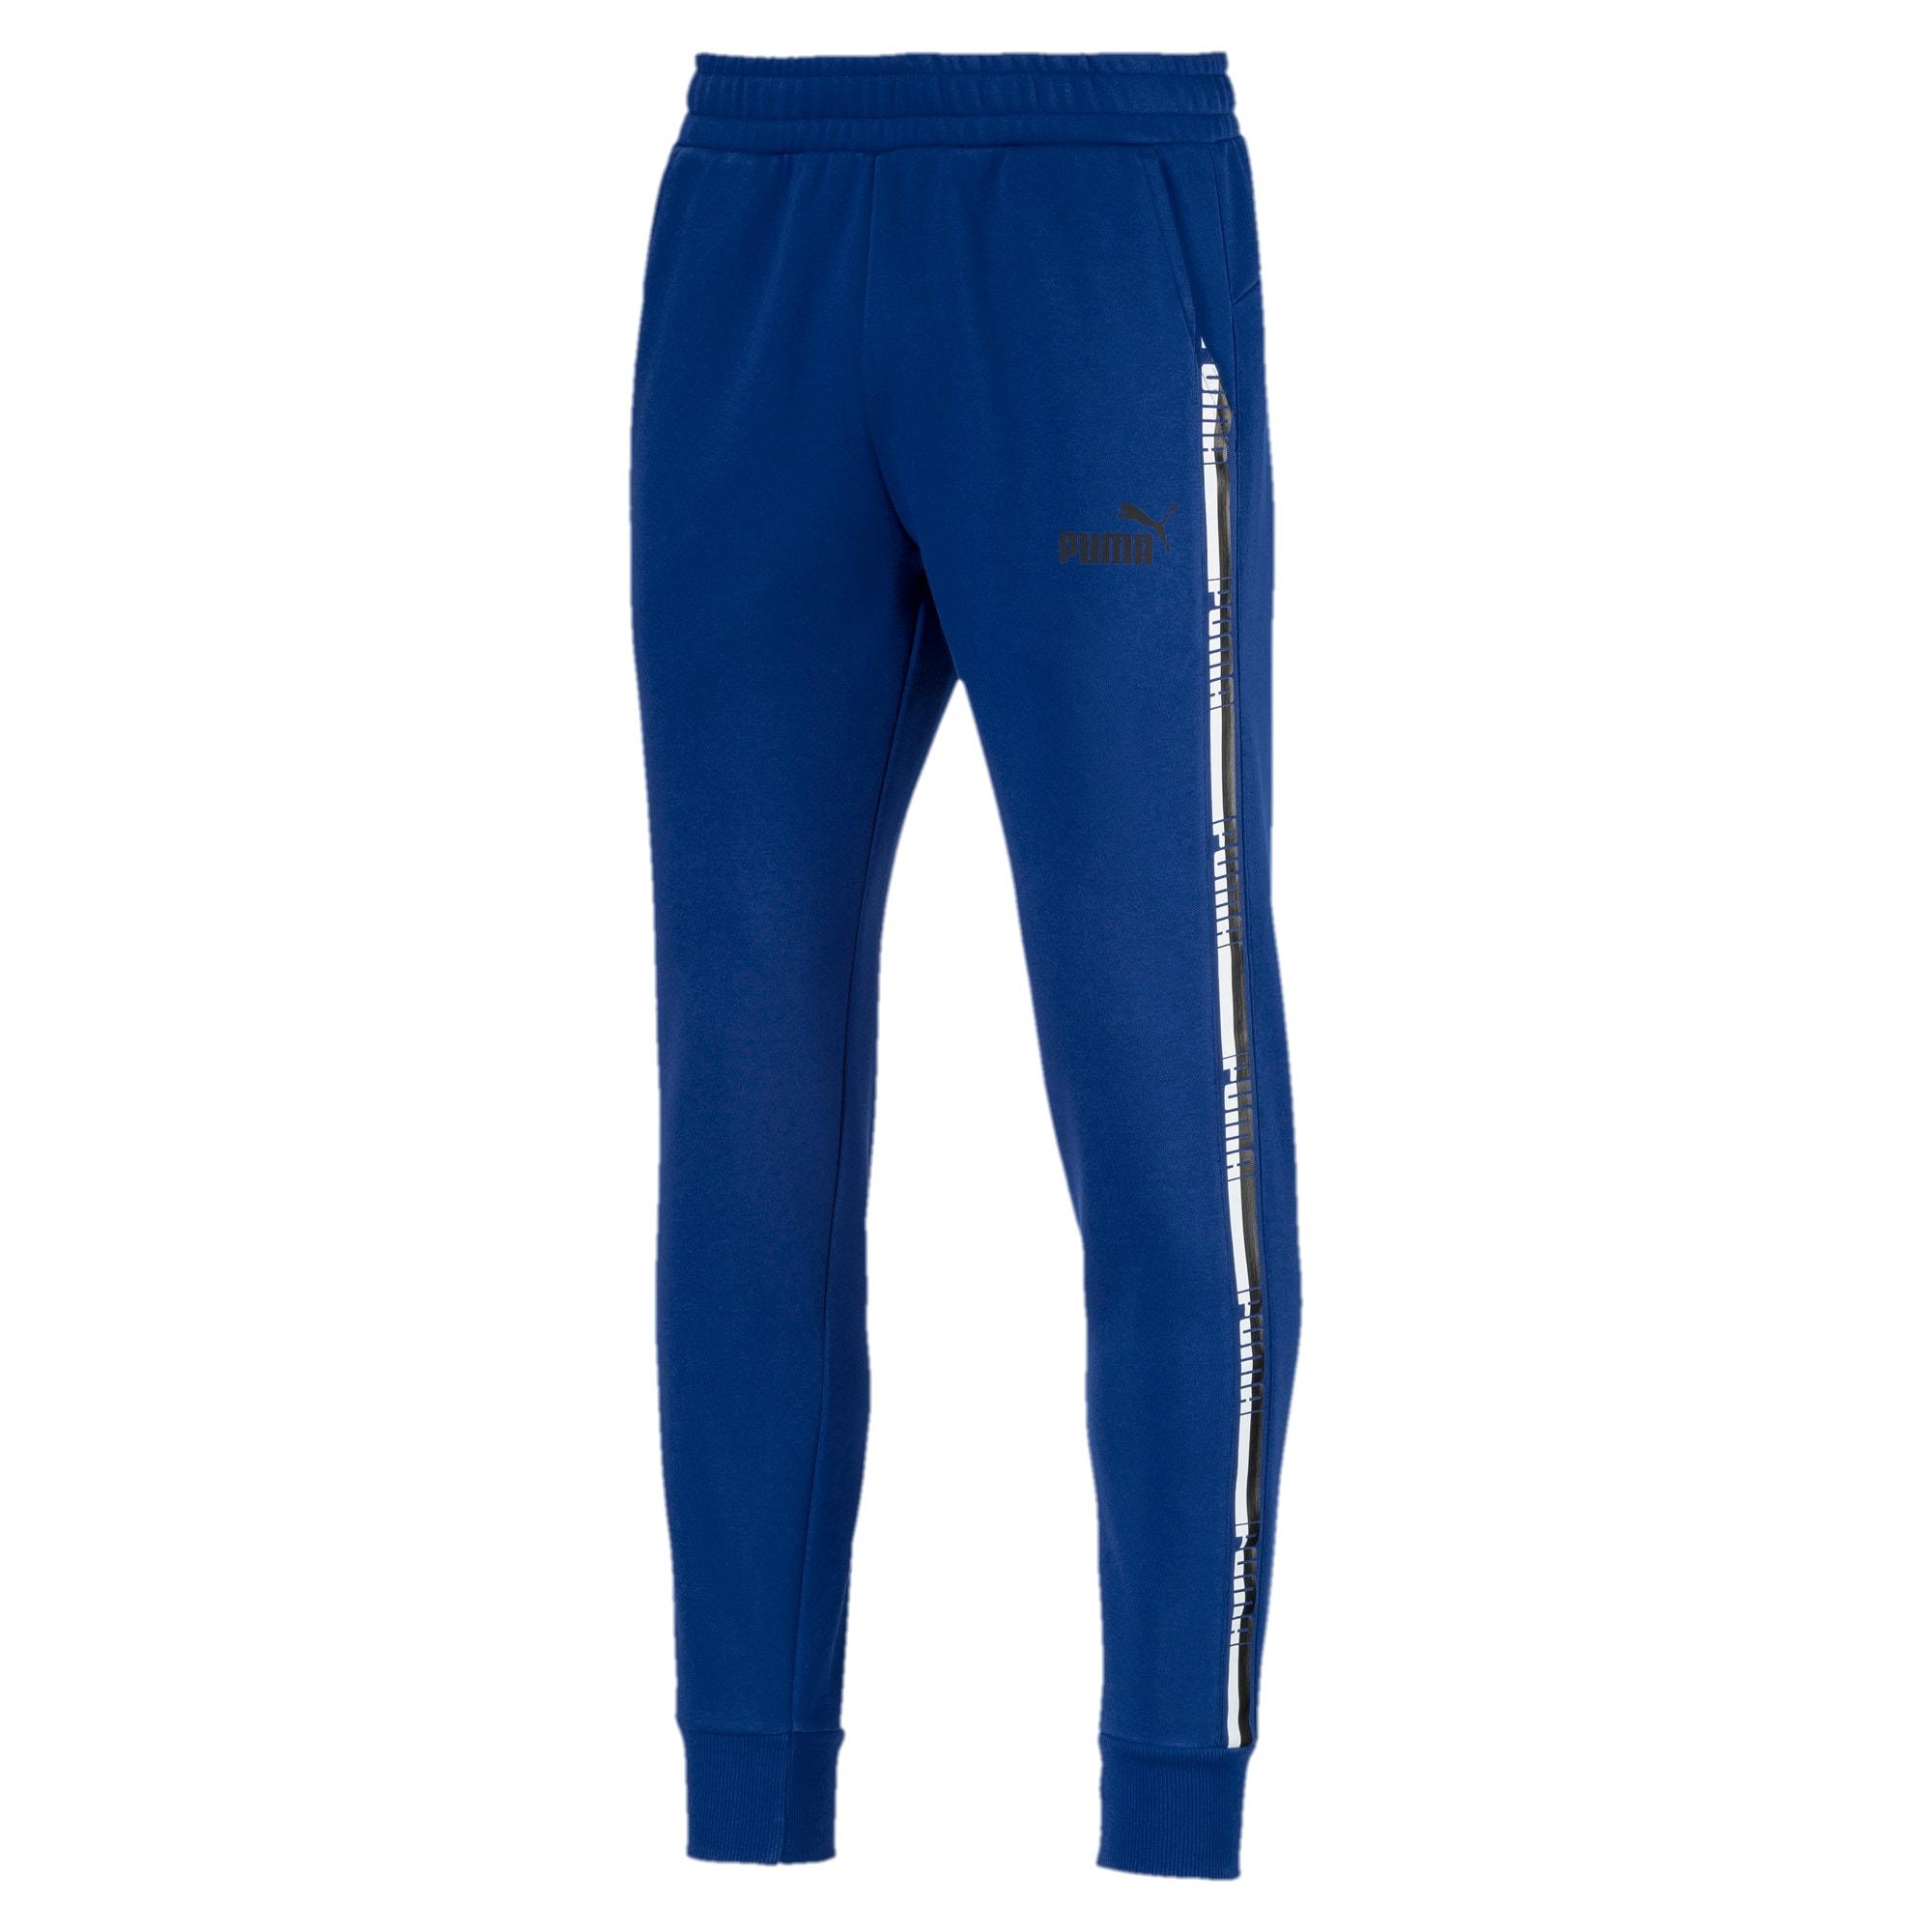 Thumbnail 1 of Tape Men's Pants, Sodalite Blue, medium